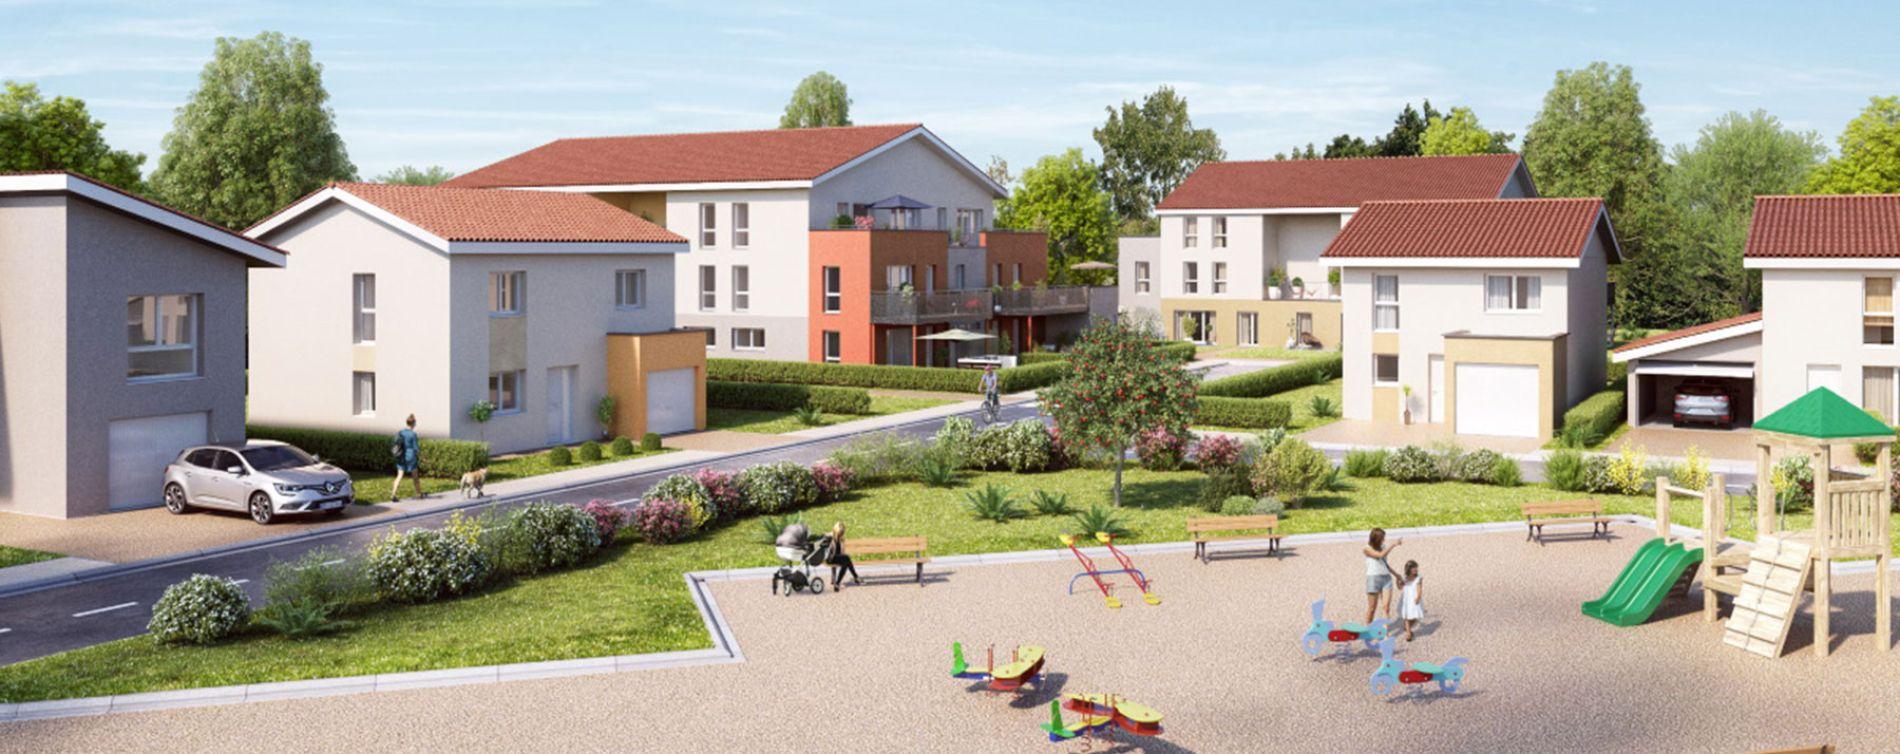 Résidence Les Terrasses du Pilat à Chasse-sur-Rhône